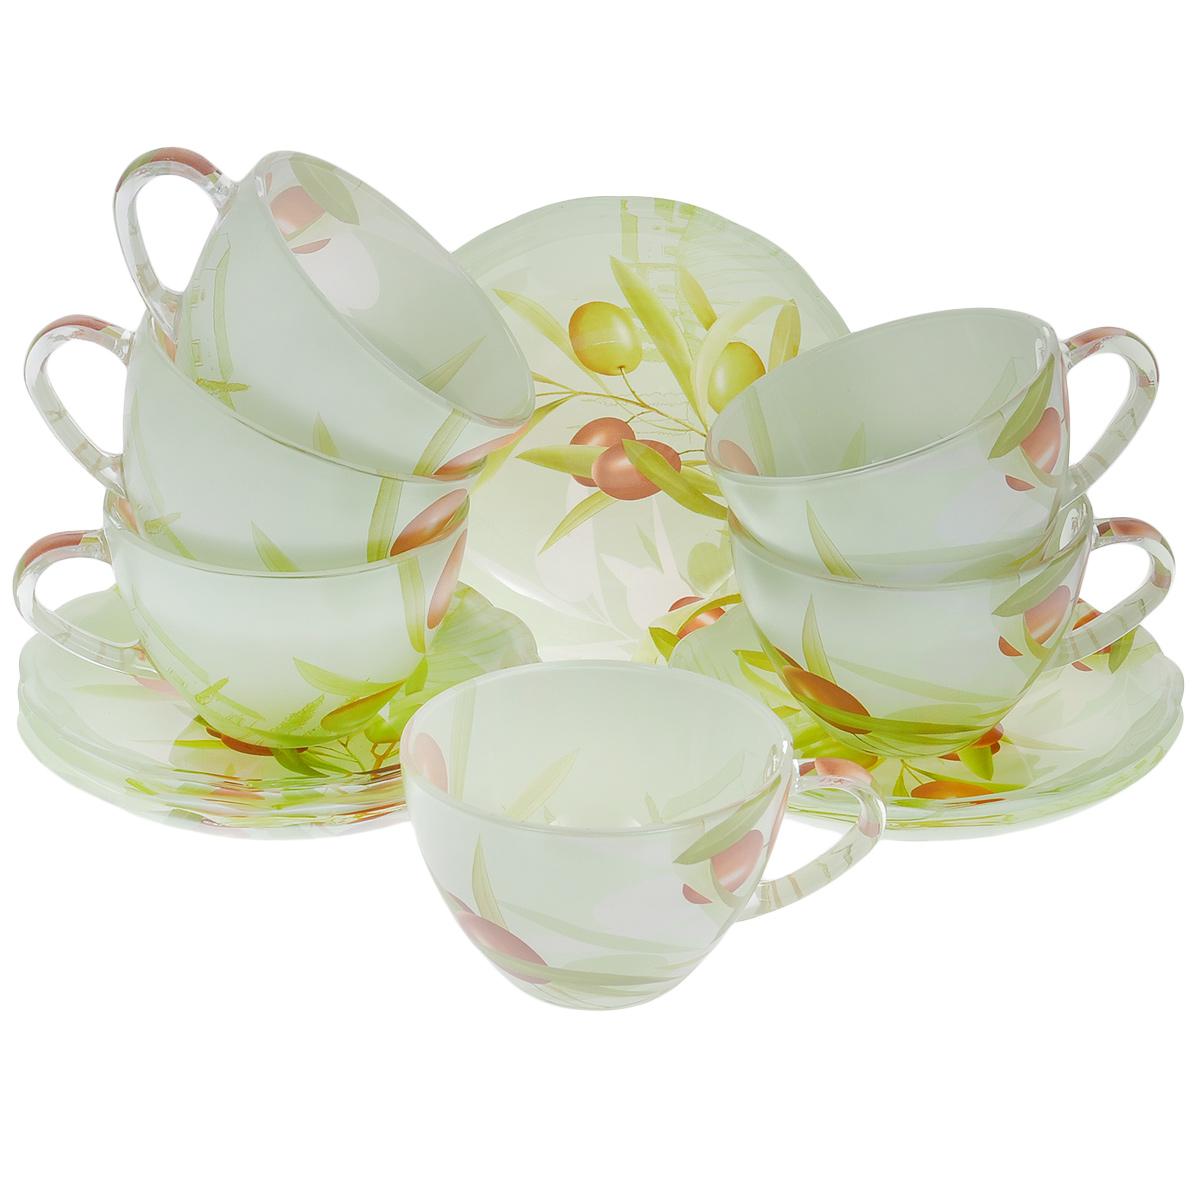 Набор посуды Оливки, 12 предметов10151-12Набор посуды состоит из 6 блюдец и 6 чашек. Изделия выполнены из высококачественного стекла и оформлены изображением ветки с оливками. Этот набор эффектно украсит стол, а также прекрасно подойдет для торжественных случаев. Красочность оформления придется по вкусу и ценителям классики, и тем, кто предпочитает утонченность и изящность. Объем чашки: 210 мл.